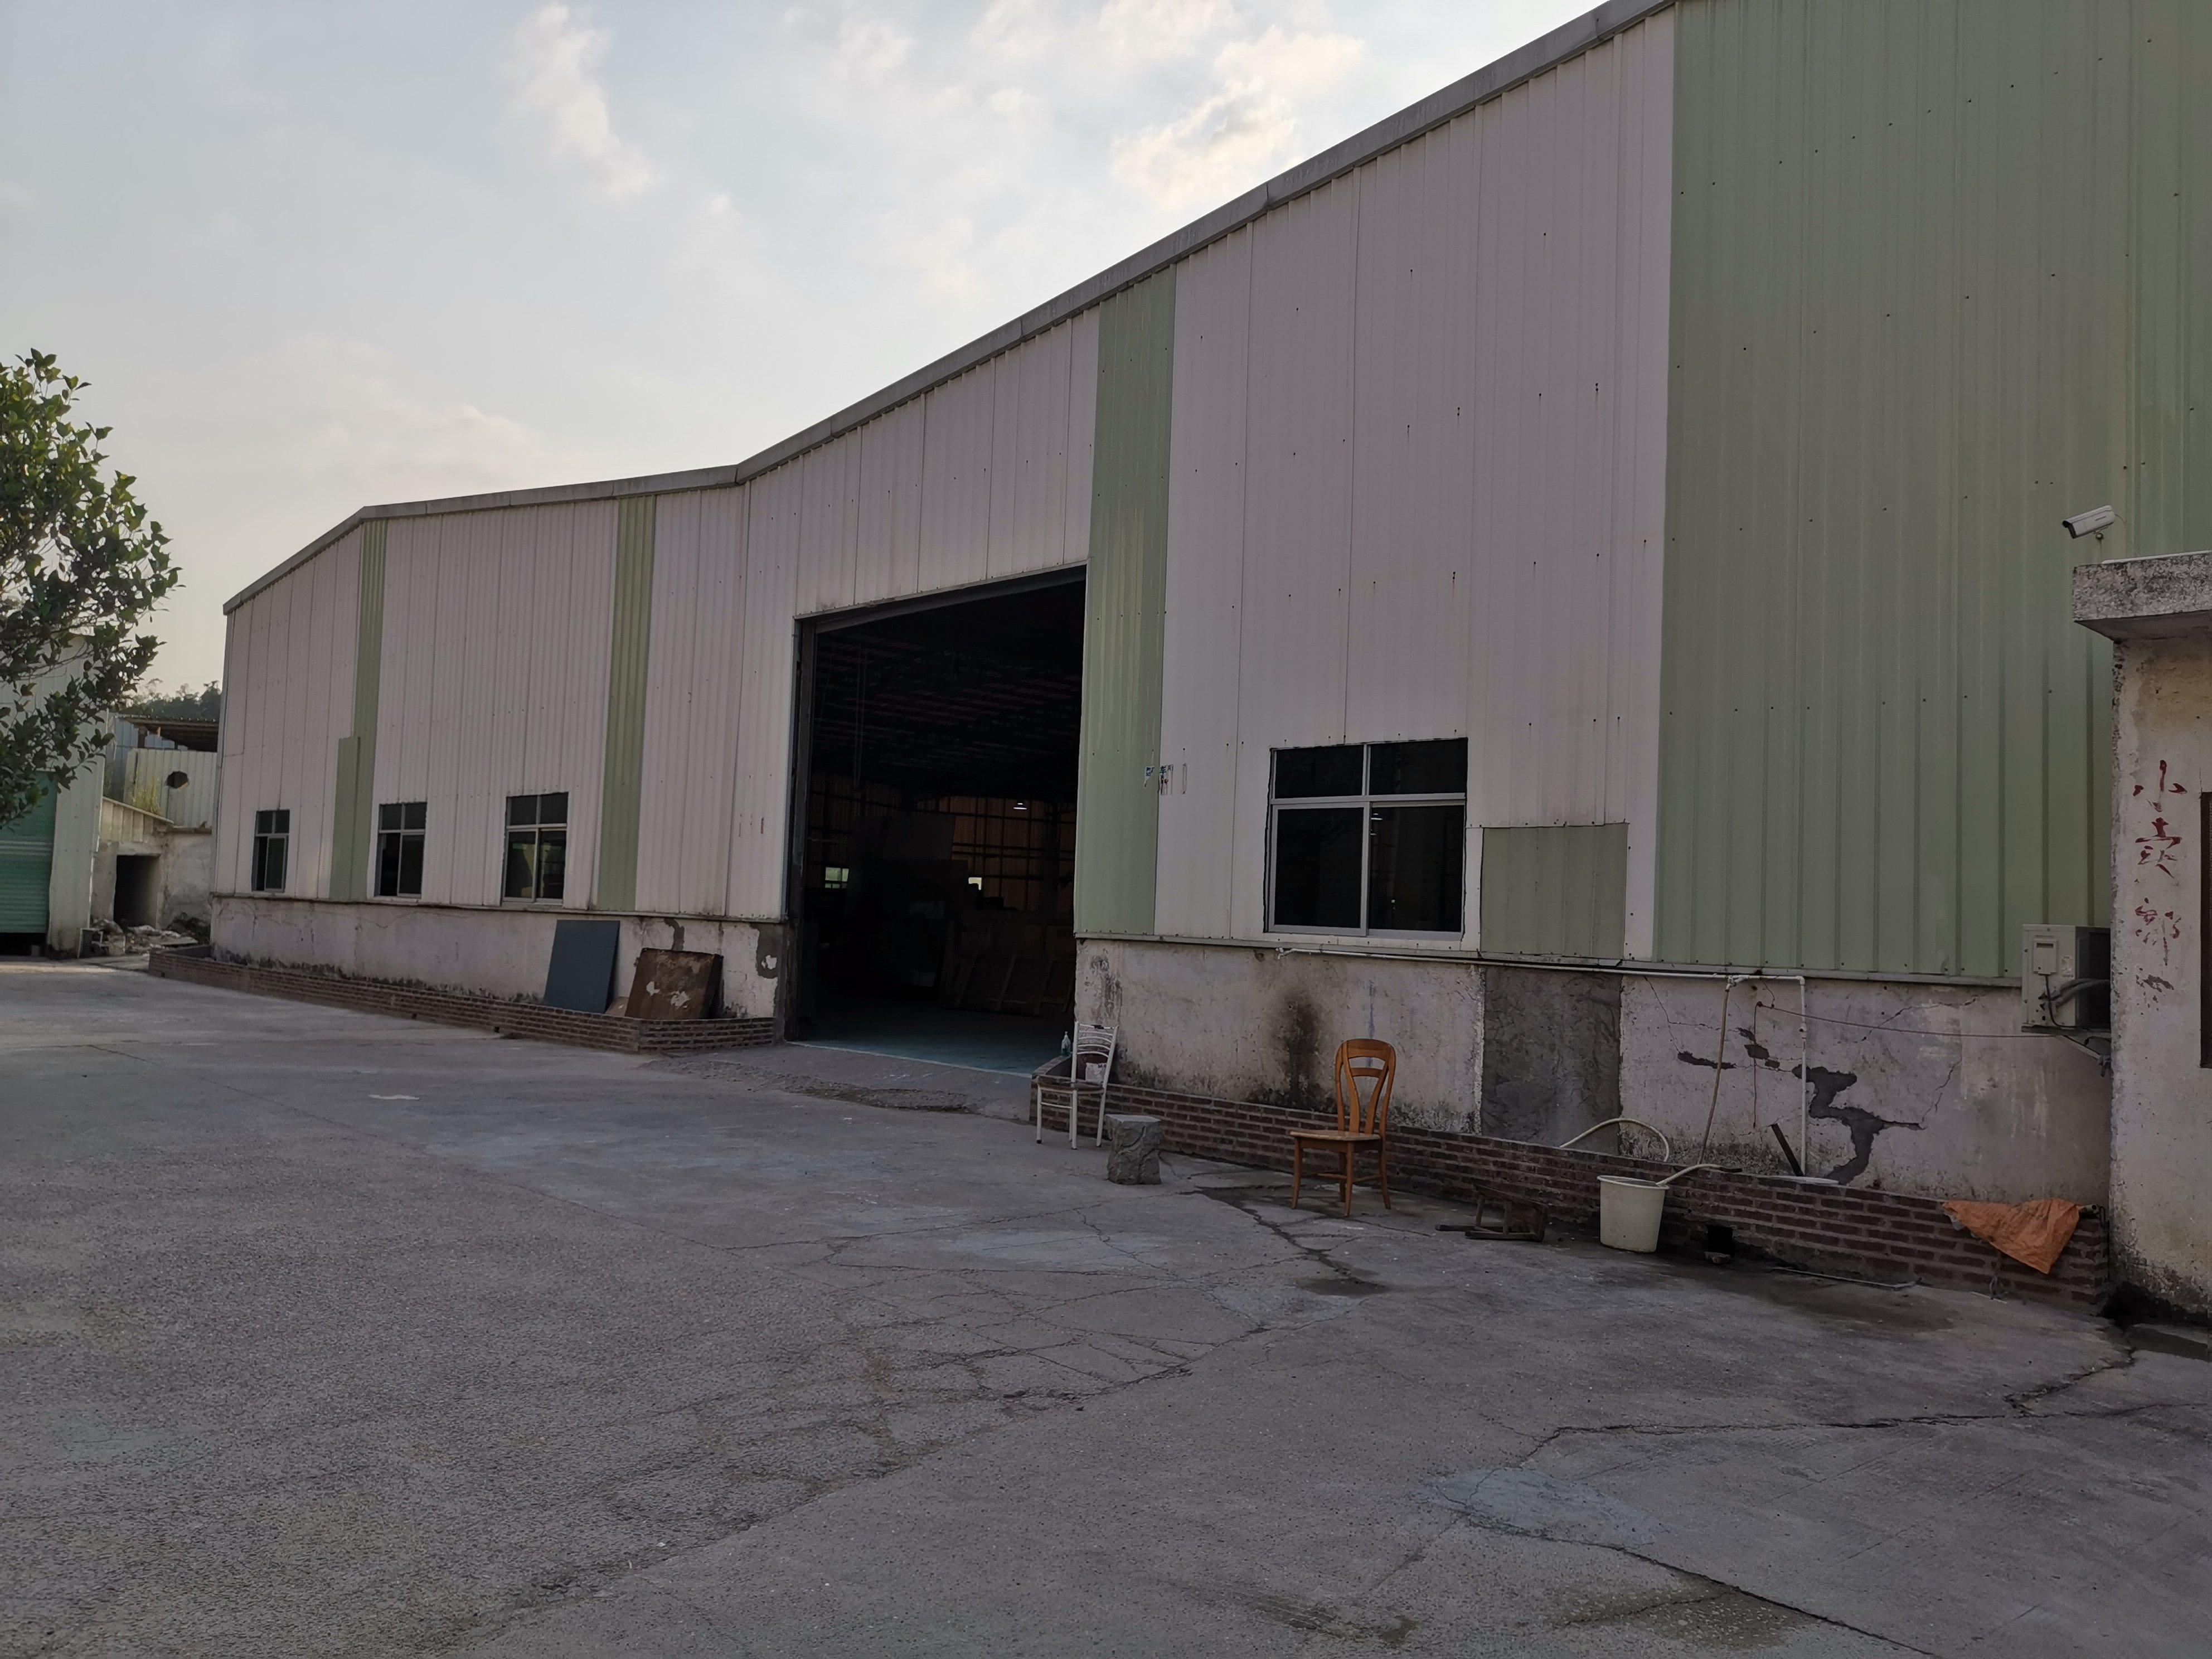 临深一公里单层厂房11800平米出售,投资自用皆宜!